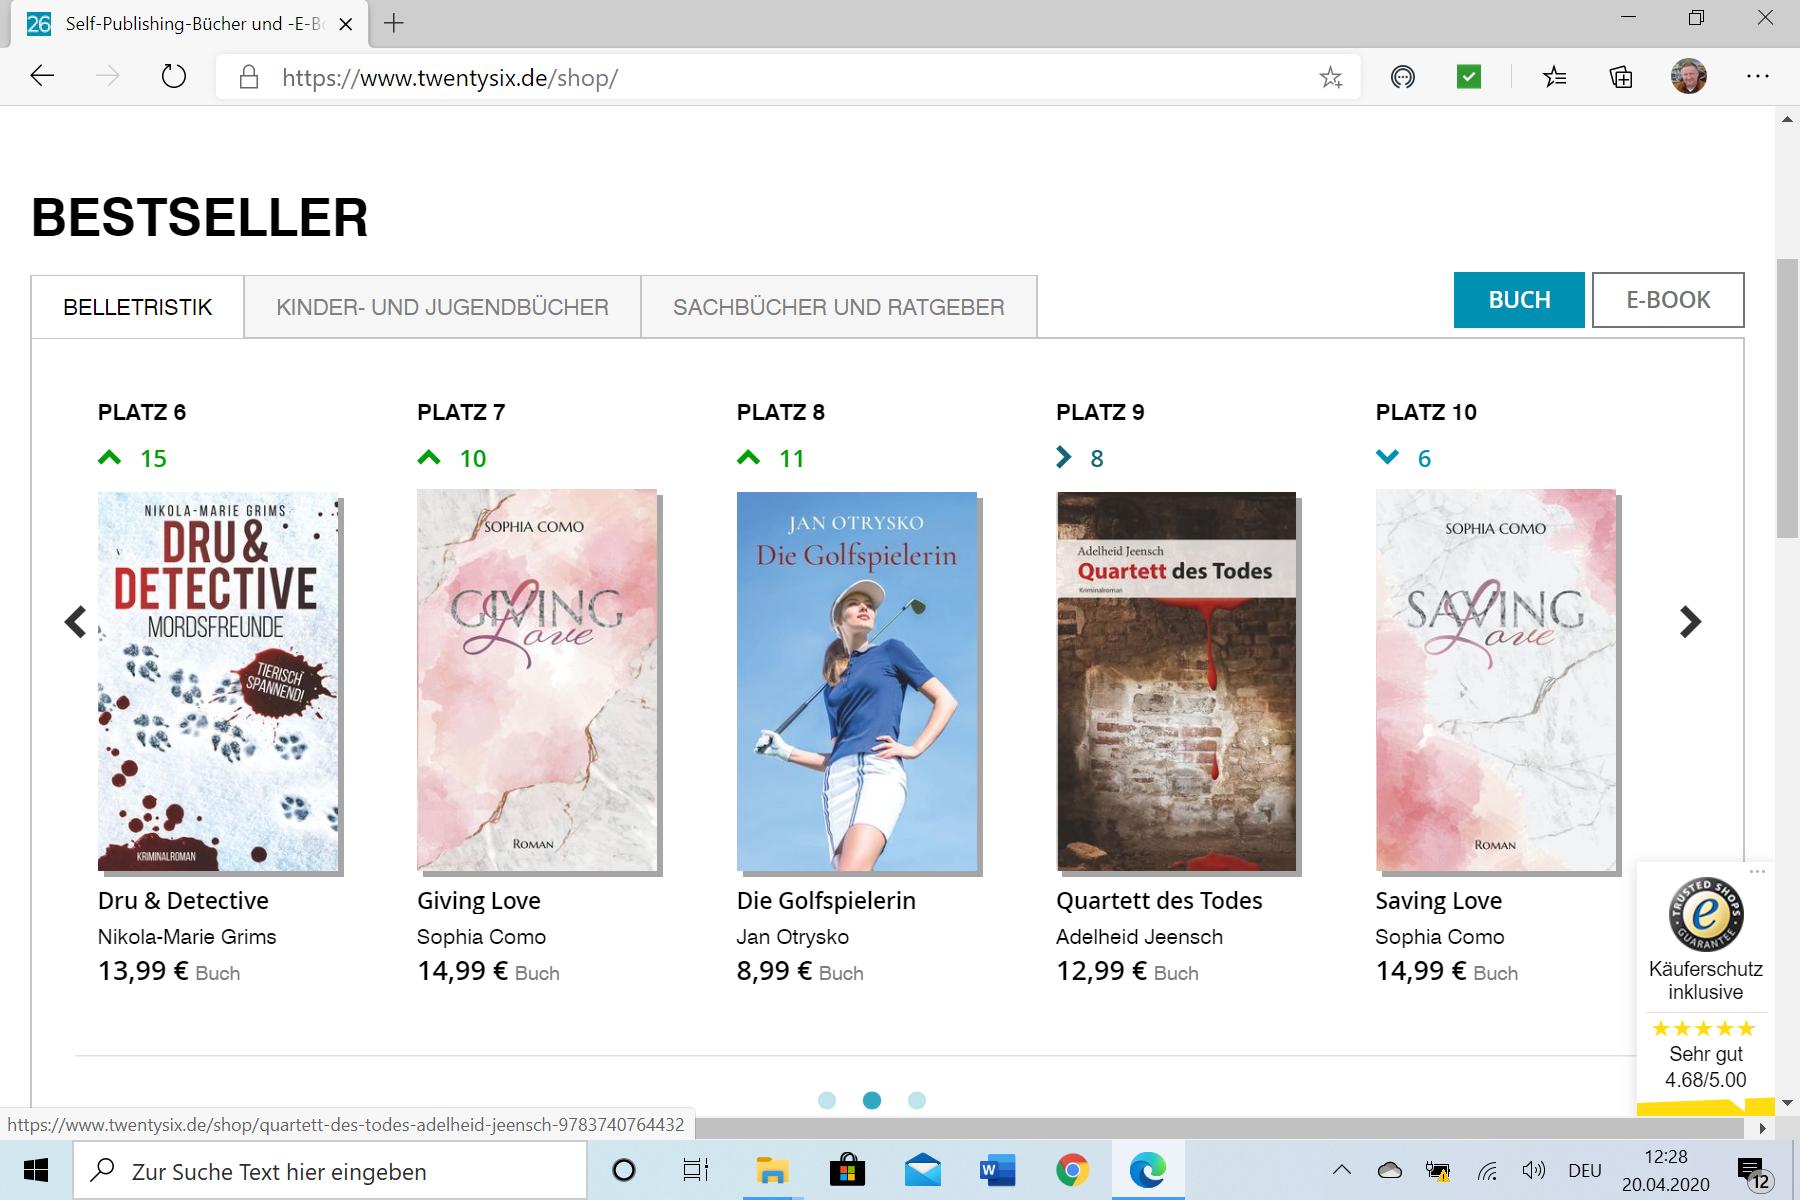 """""""Die Golfspielerin"""" als Bestseller auf Platz Nummer 8. (21.04.2020)"""